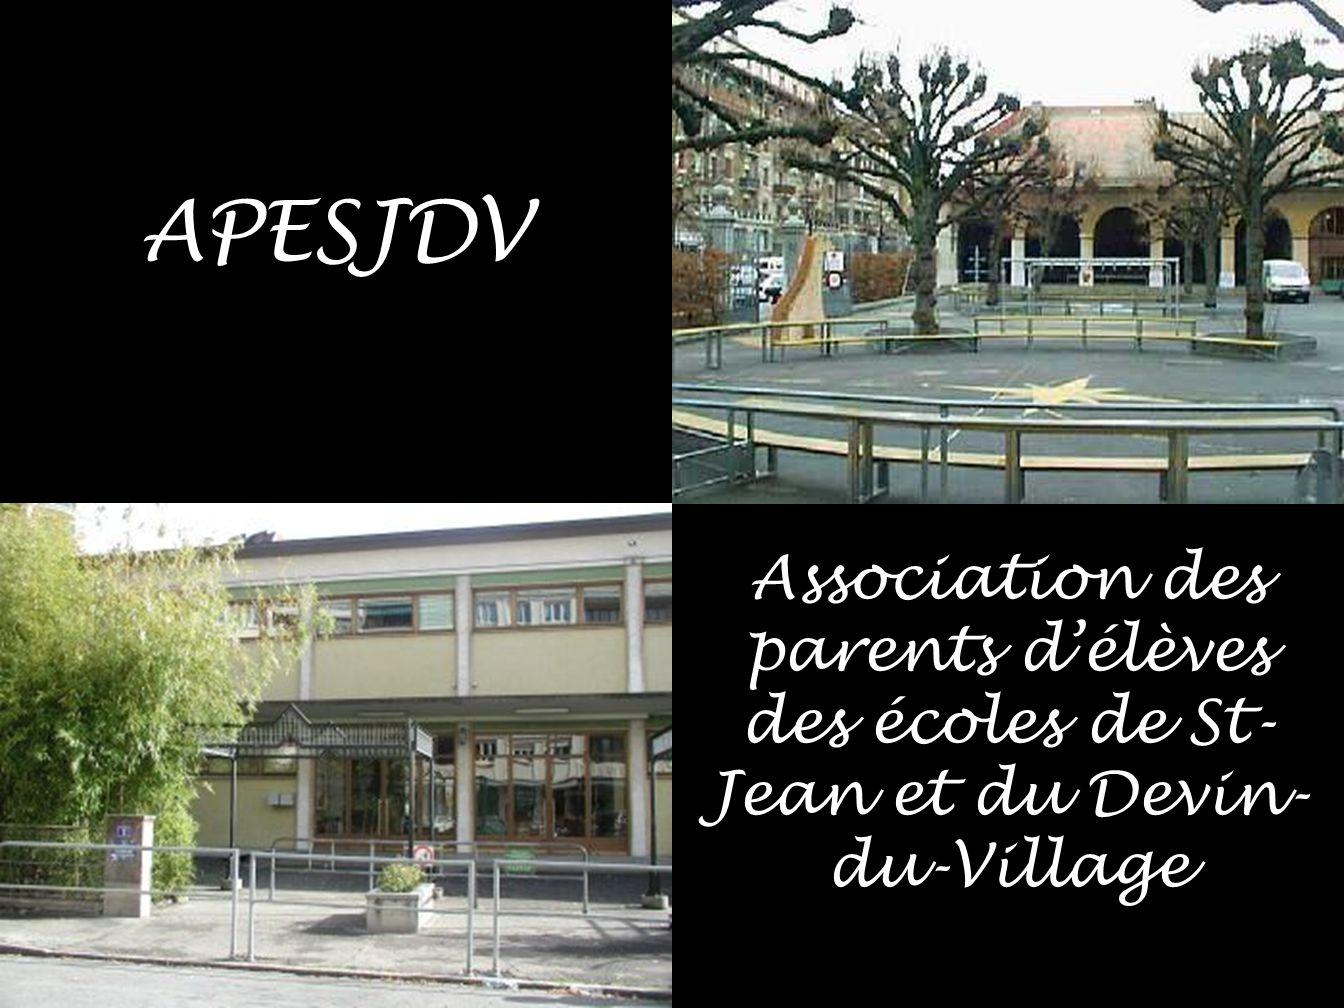 APESJDV Association des parents d'élèves des écoles de St-Jean et du Devin-du-Village